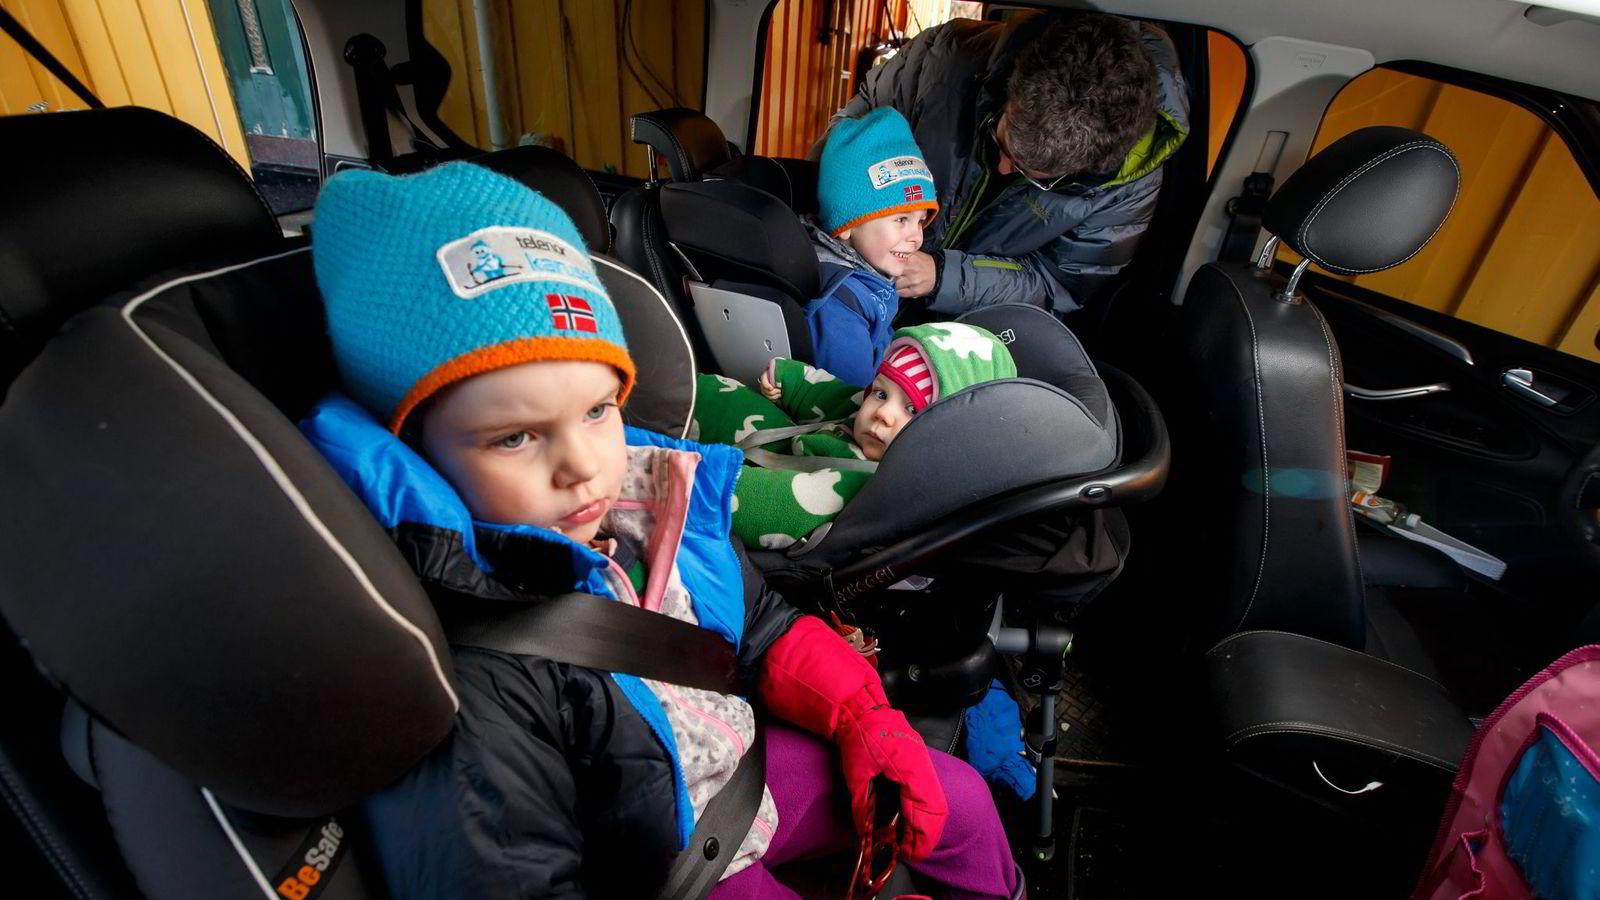 «De sterke økonomiske incentivene sammen med normkulturen i Norge kan forklare hvorfor alle tar ett års fødselspermisjon i Norge», skriver Katrine V. Løken, som setter spørsmålstegn ved om dette er en hensiktsmessig anvendelse av statens ressurser. Foto: Heiko Junge/